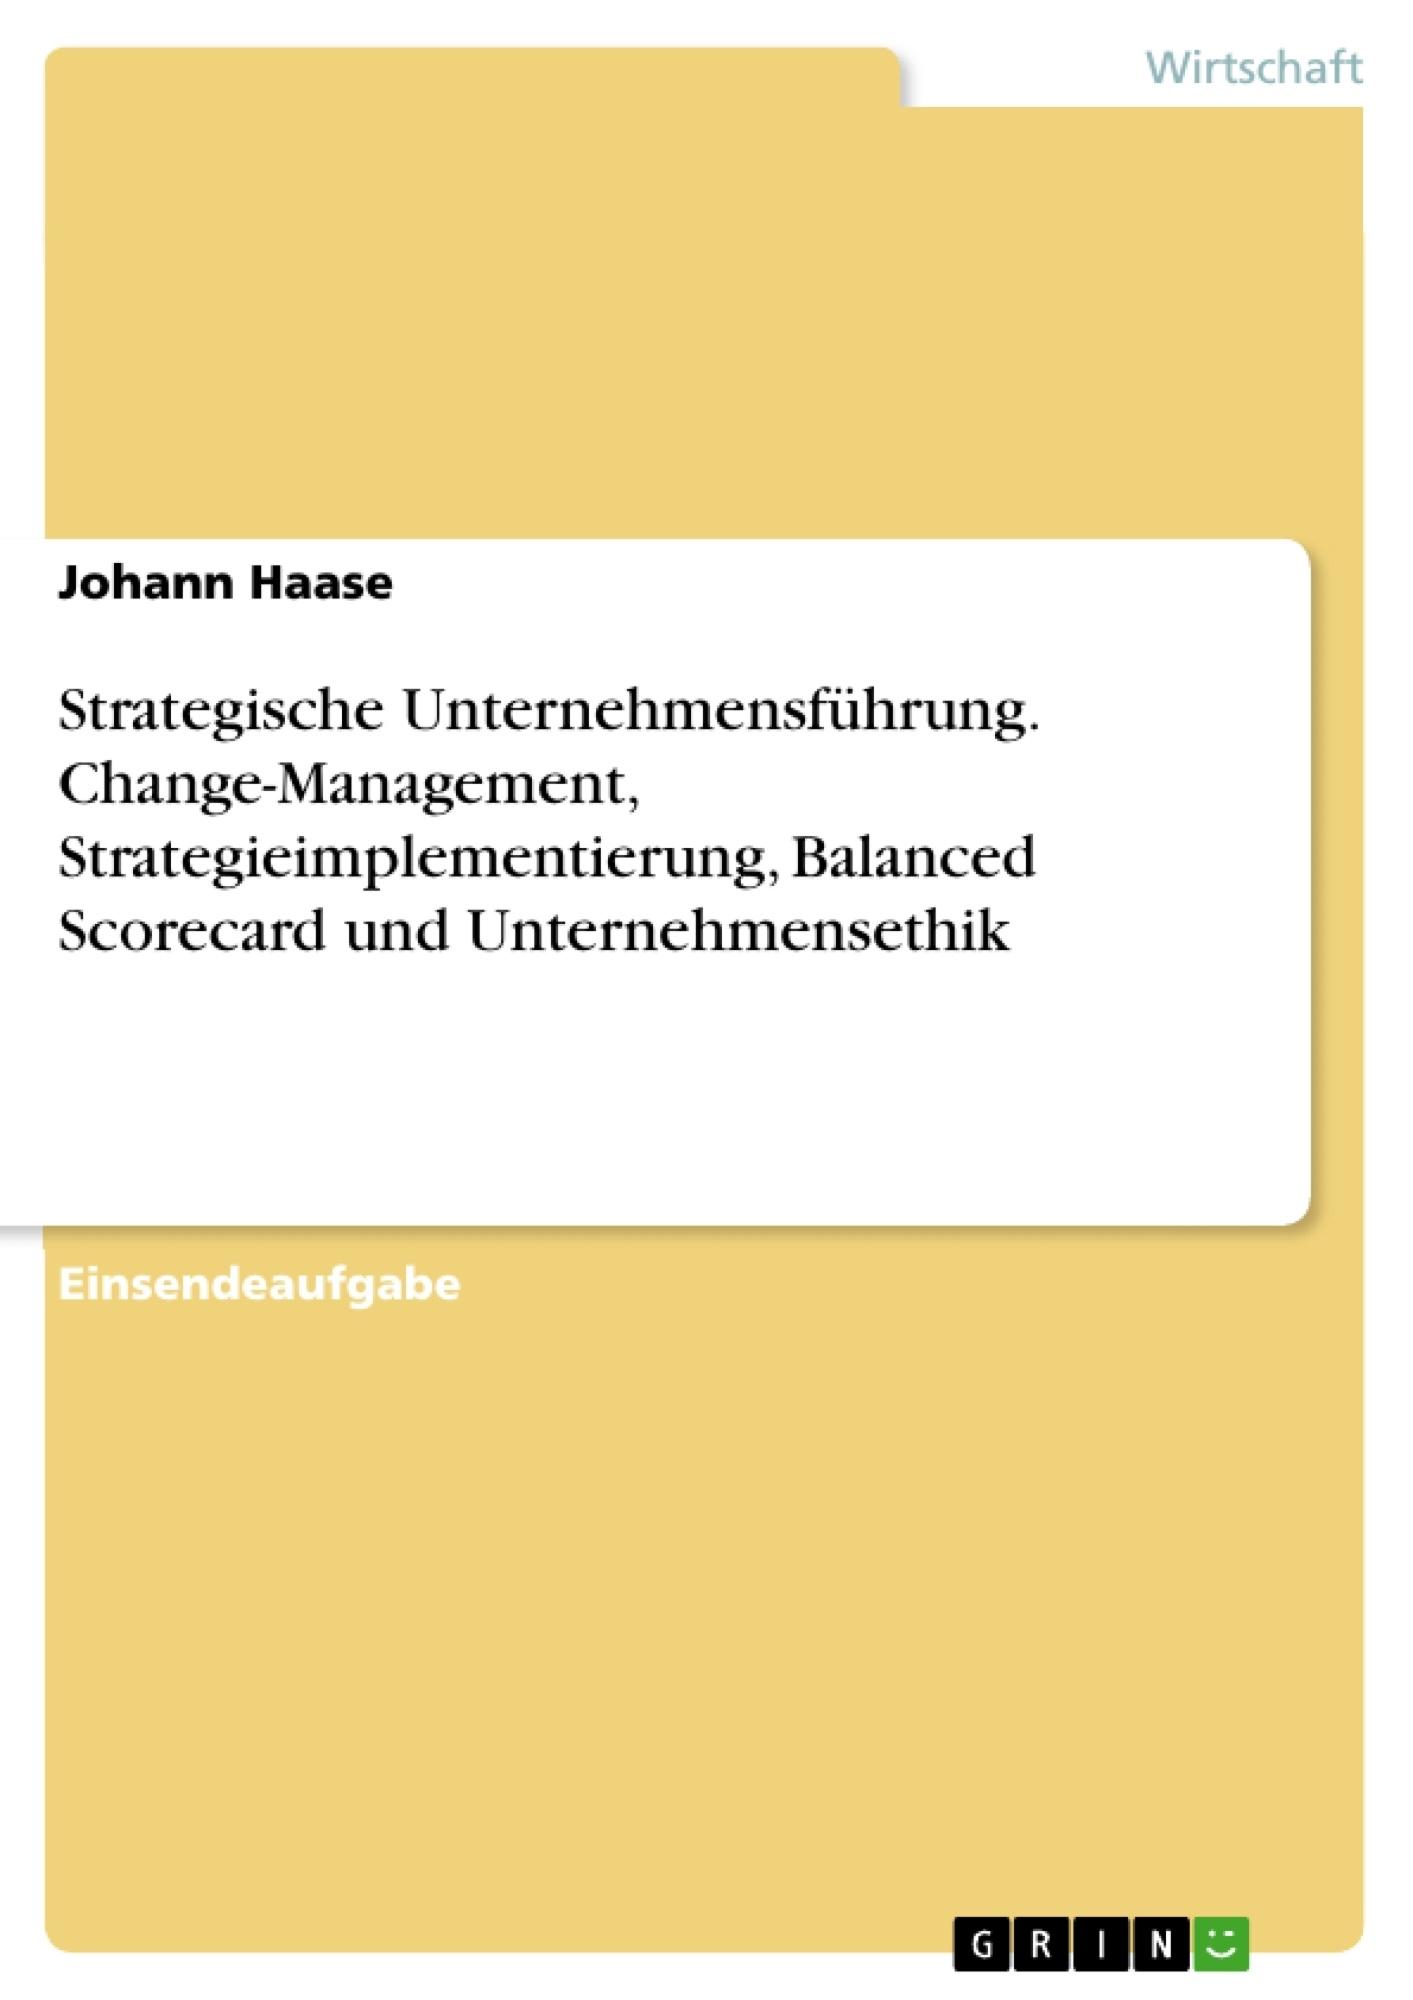 Titel: Strategische Unternehmensführung. Change-Management, Strategieimplementierung, Balanced Scorecard und Unternehmensethik